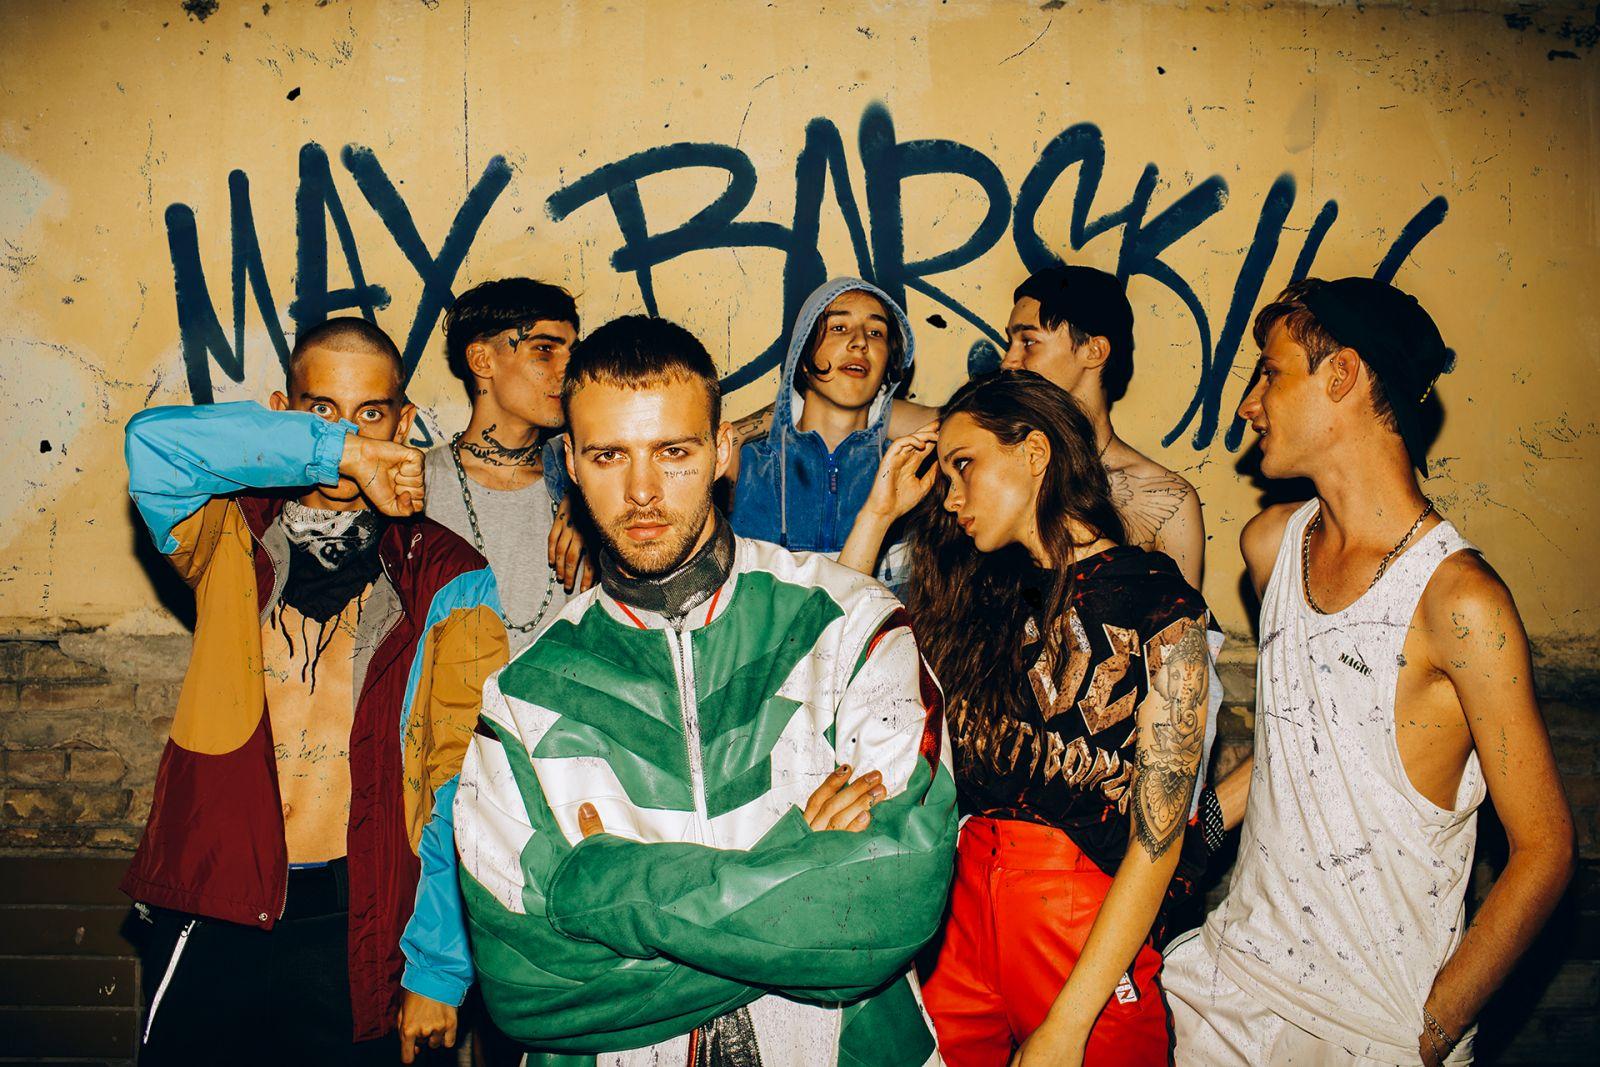 Макс Барских снялся в брутальной фотосессии